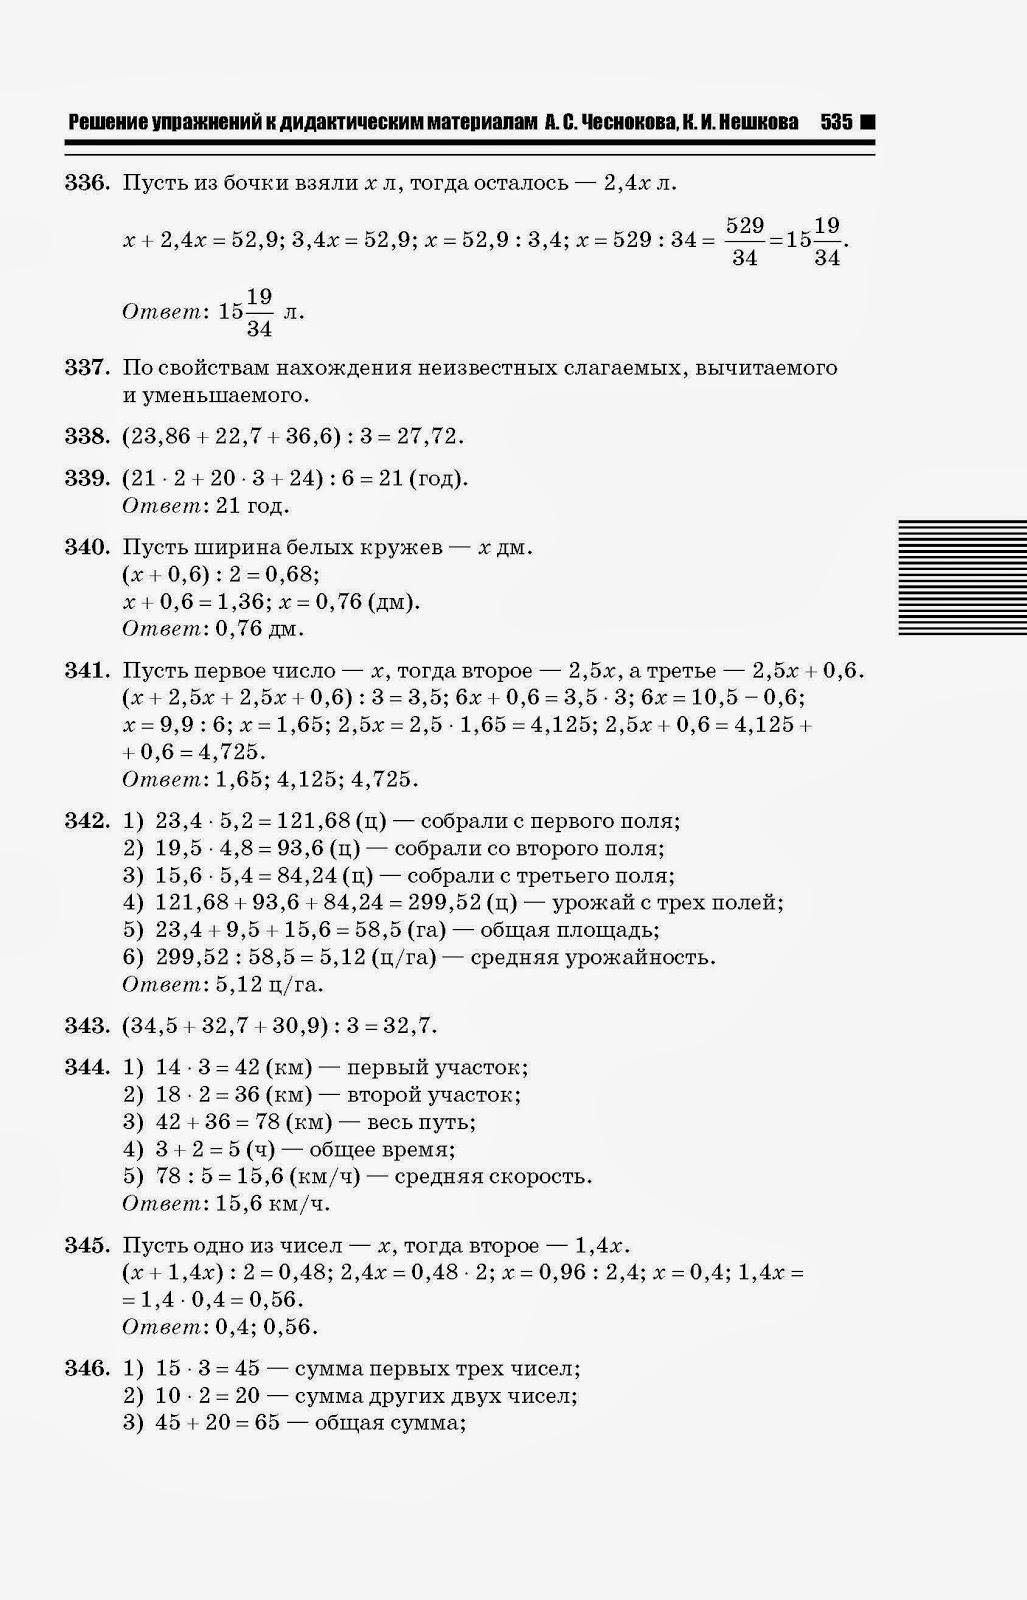 гдз по математике дидактический материал 6 класс 3 вариант